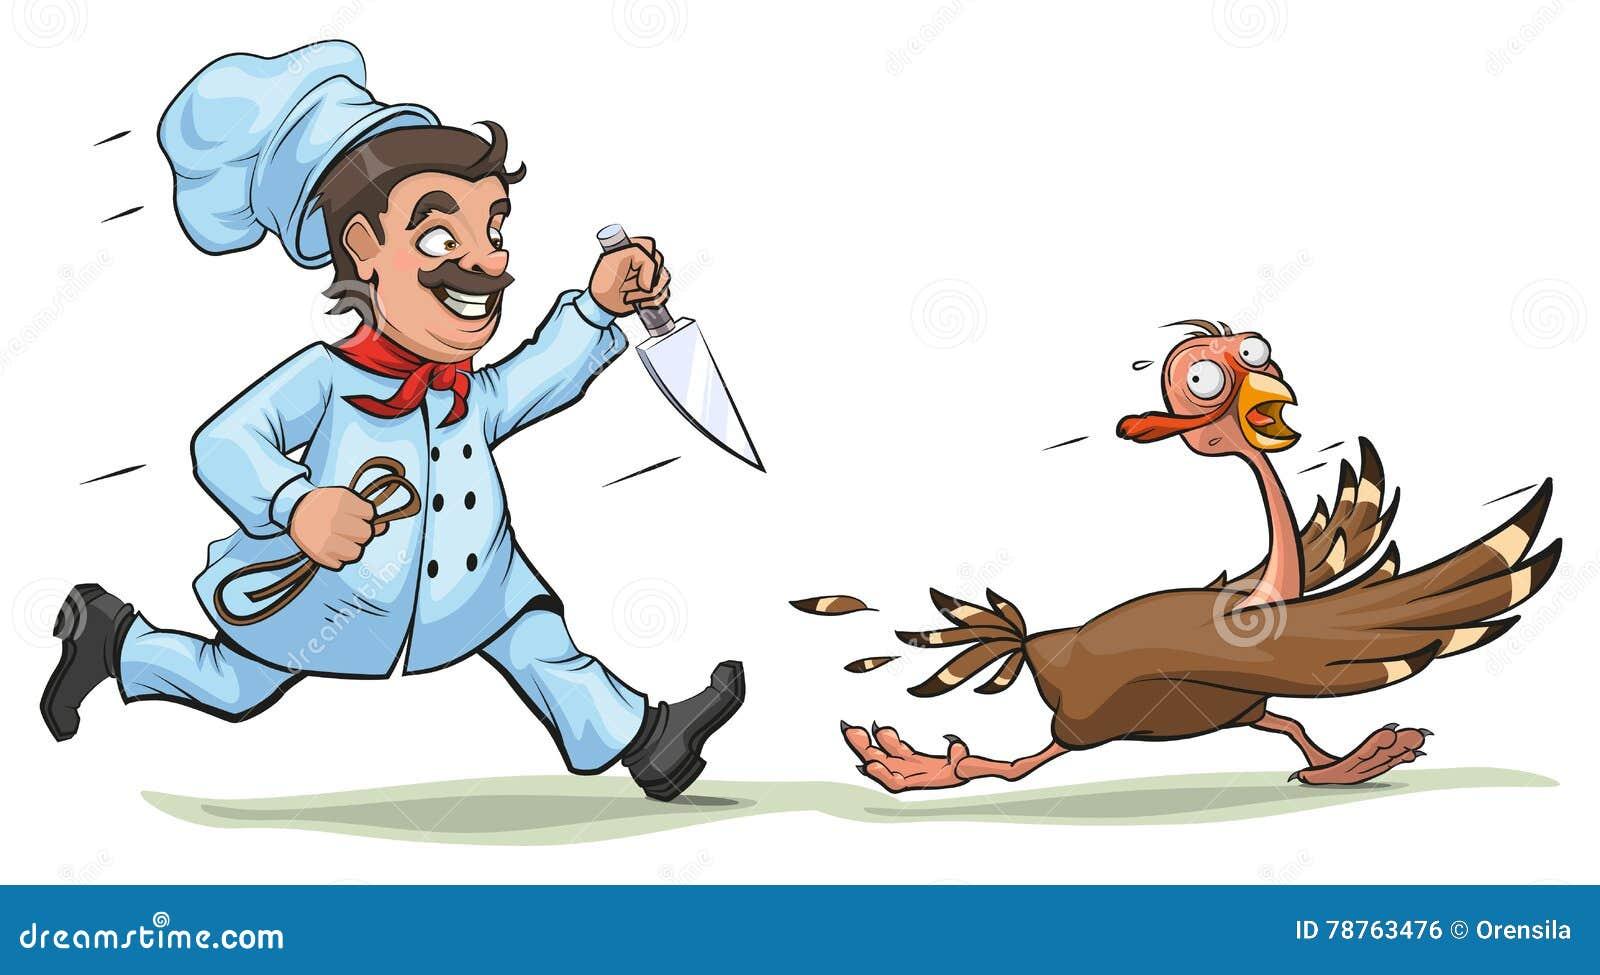 Le cuisinier avec le couteau poursuit la dinde effray e for Cuisinier humour